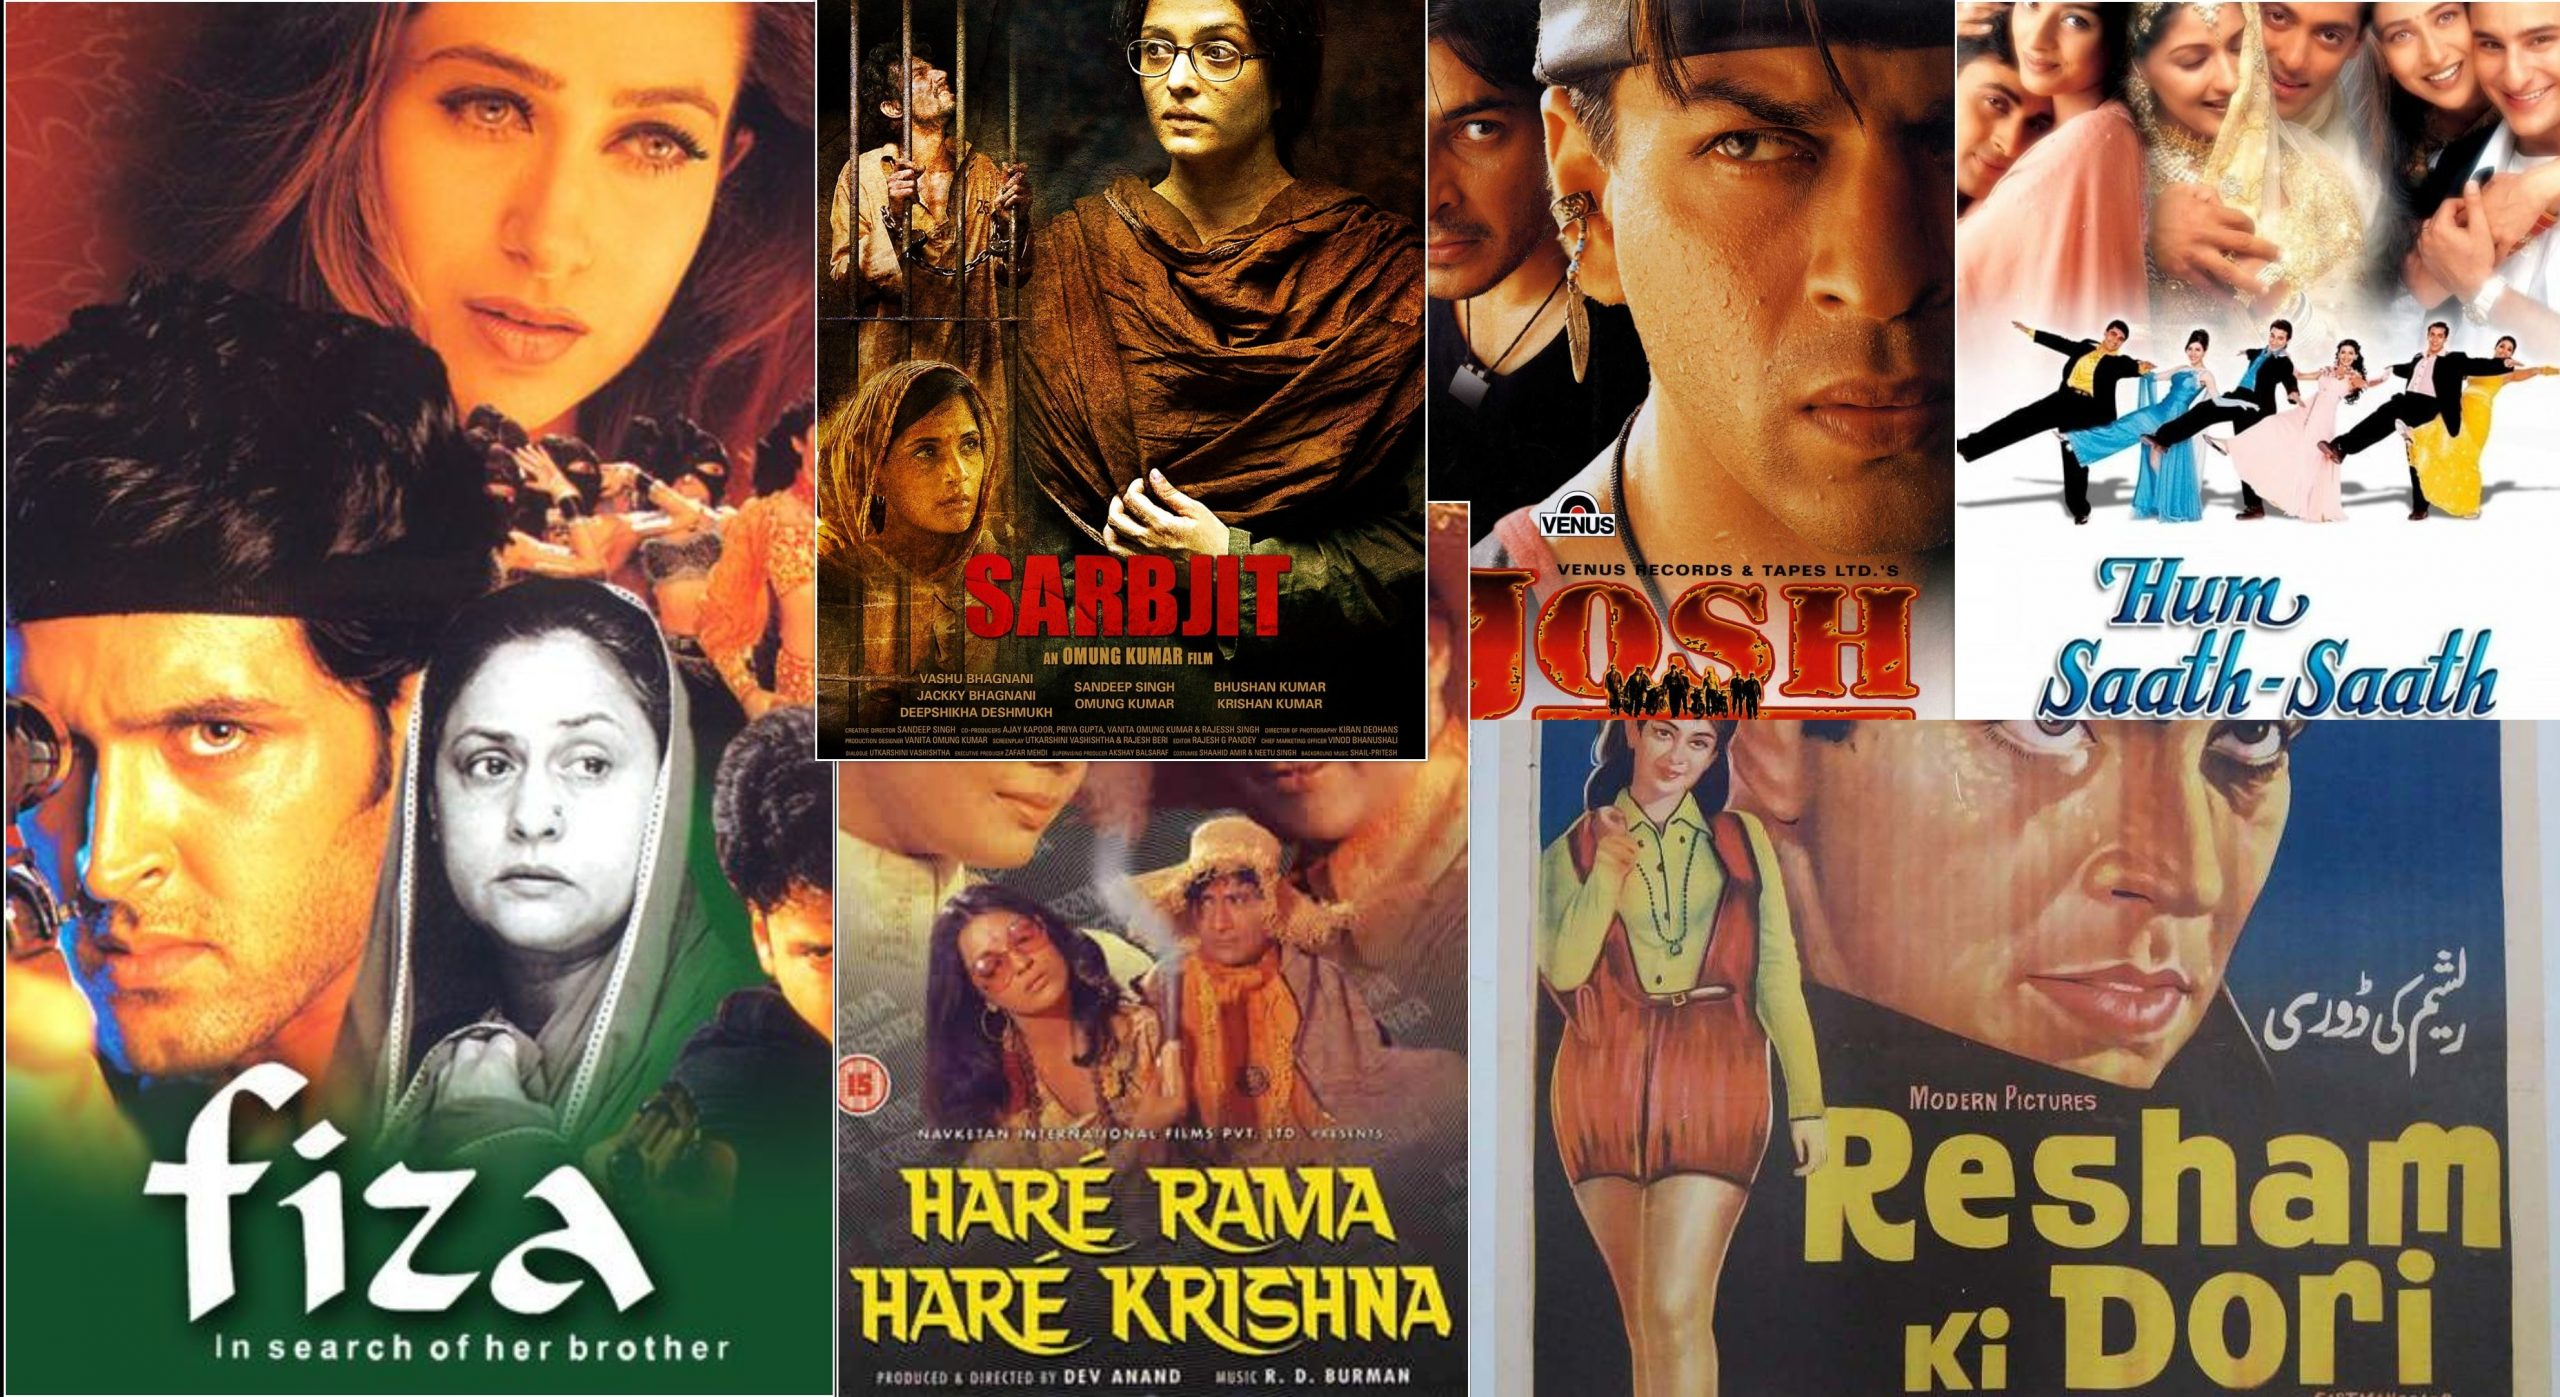 दाजुभाइ-दिदीबहिनीको विषयमा बनेका चलचित्र